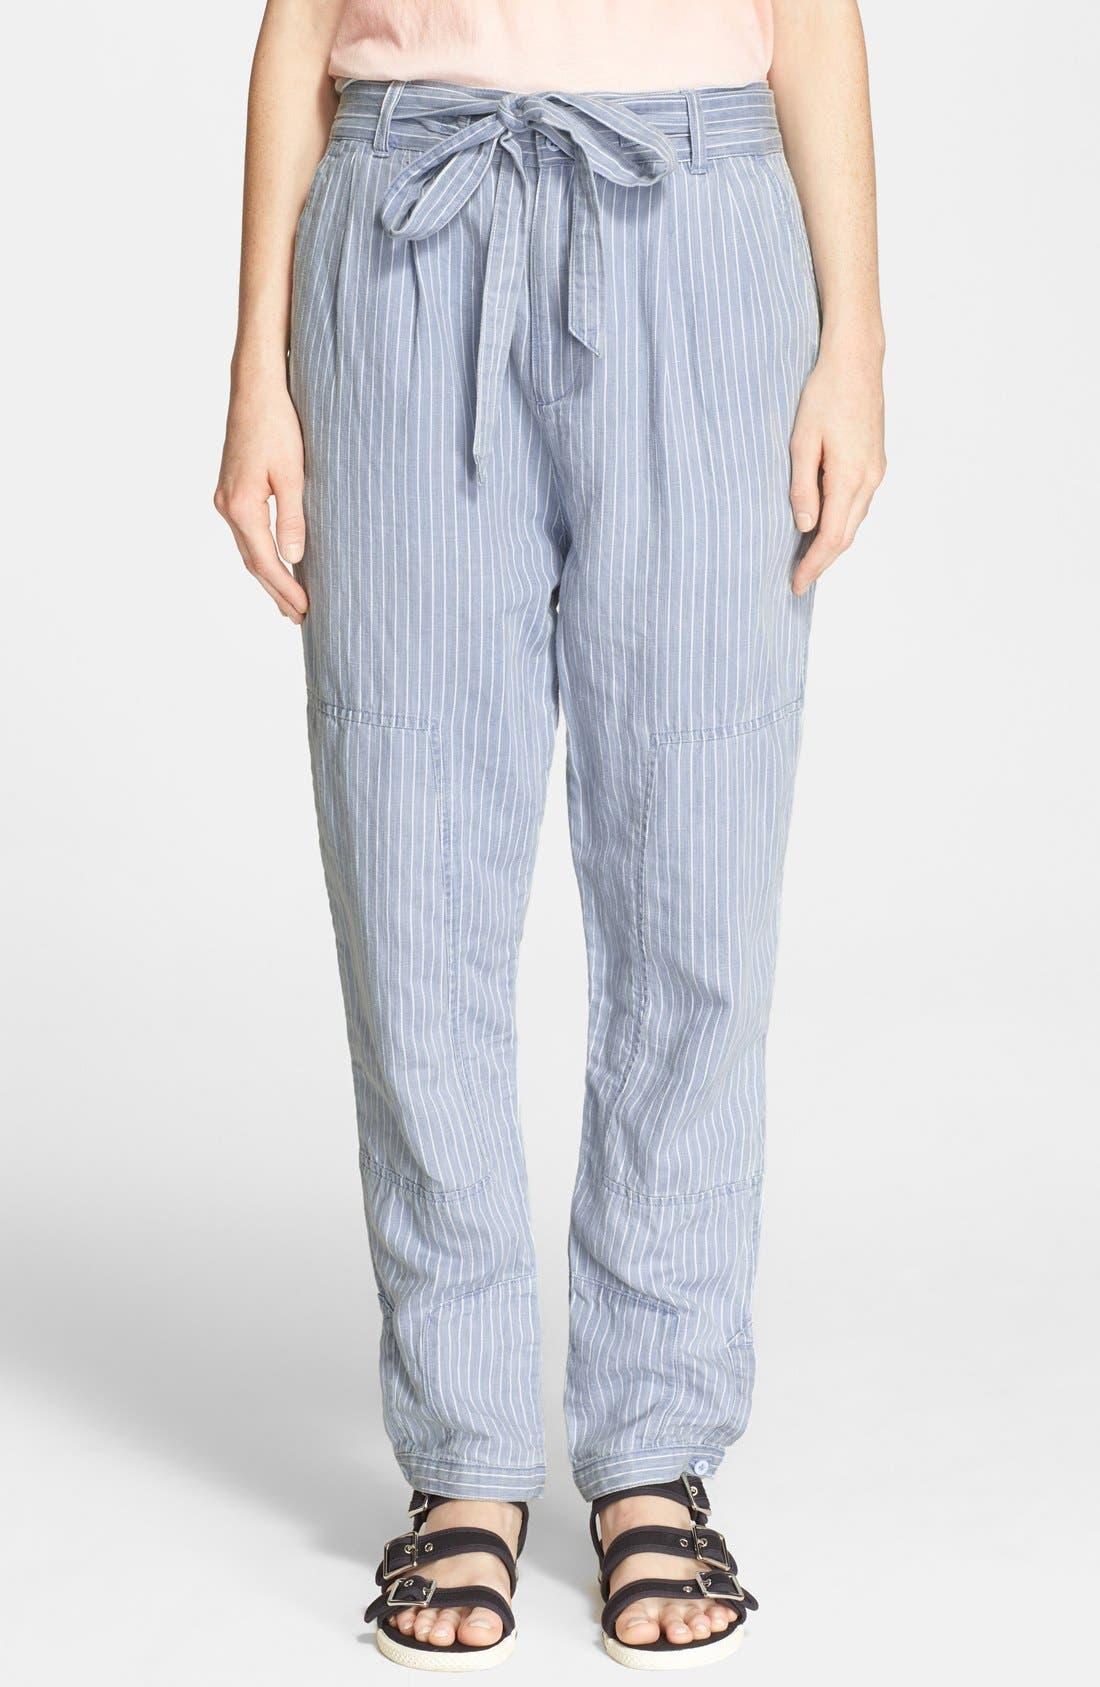 Stripe Cotton & Linen Trousers,                             Main thumbnail 1, color,                             401